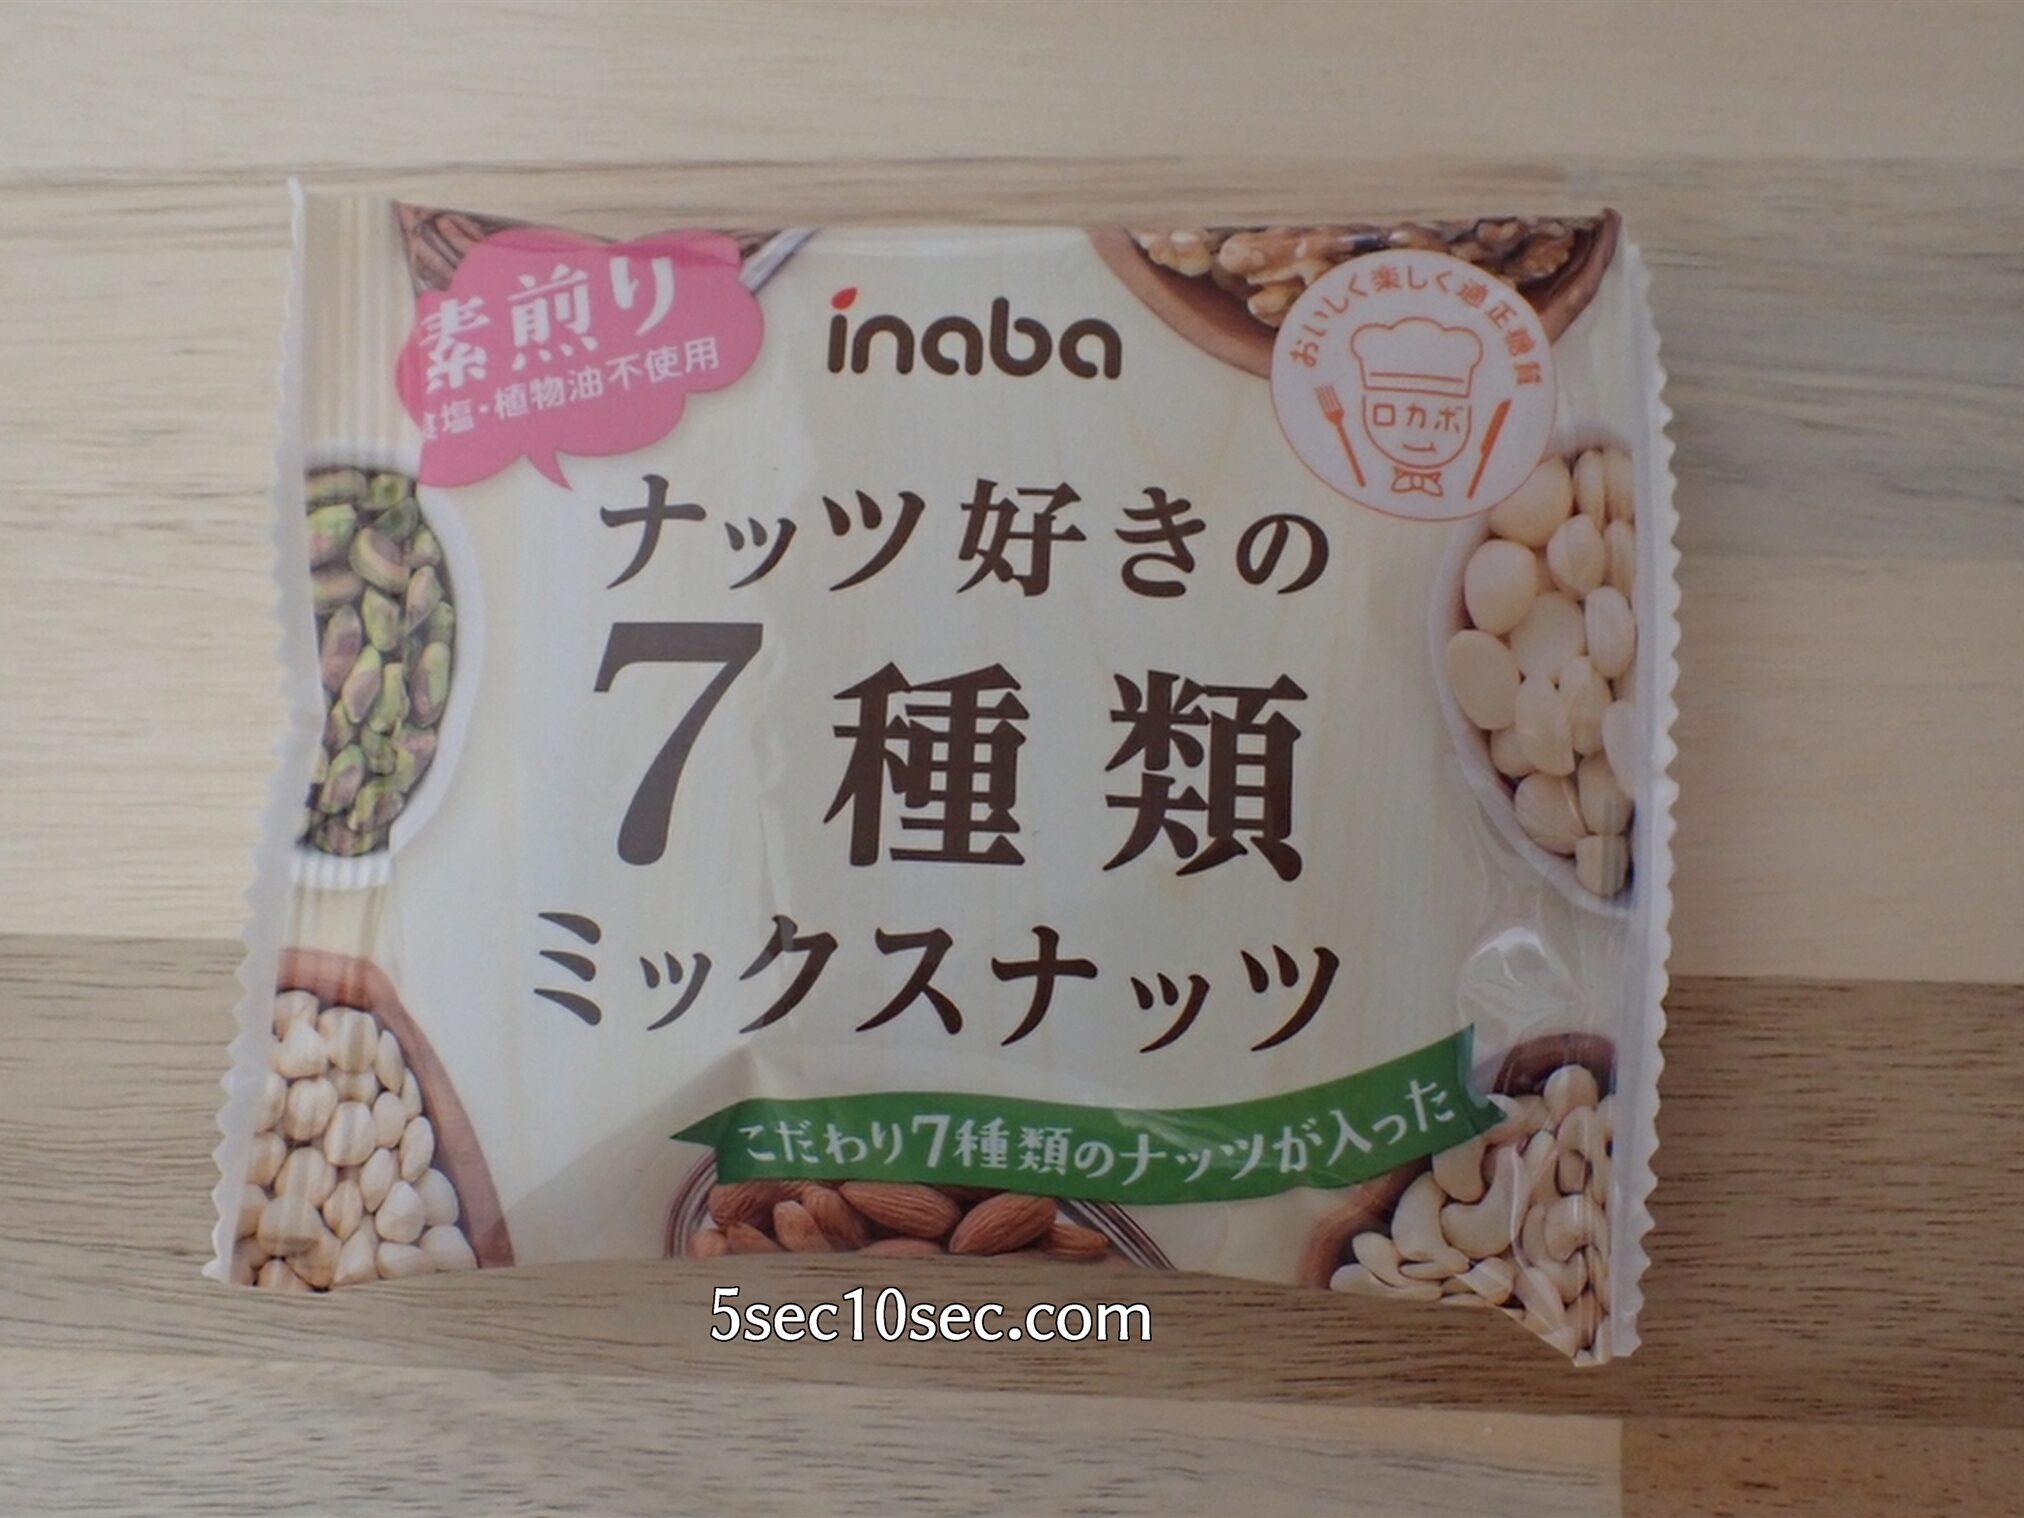 食べきりサイズの個包装だからライフスタイルに合わせて食べることができる 稲葉 inaba ナッツ好きの7種類ミックスナッツ